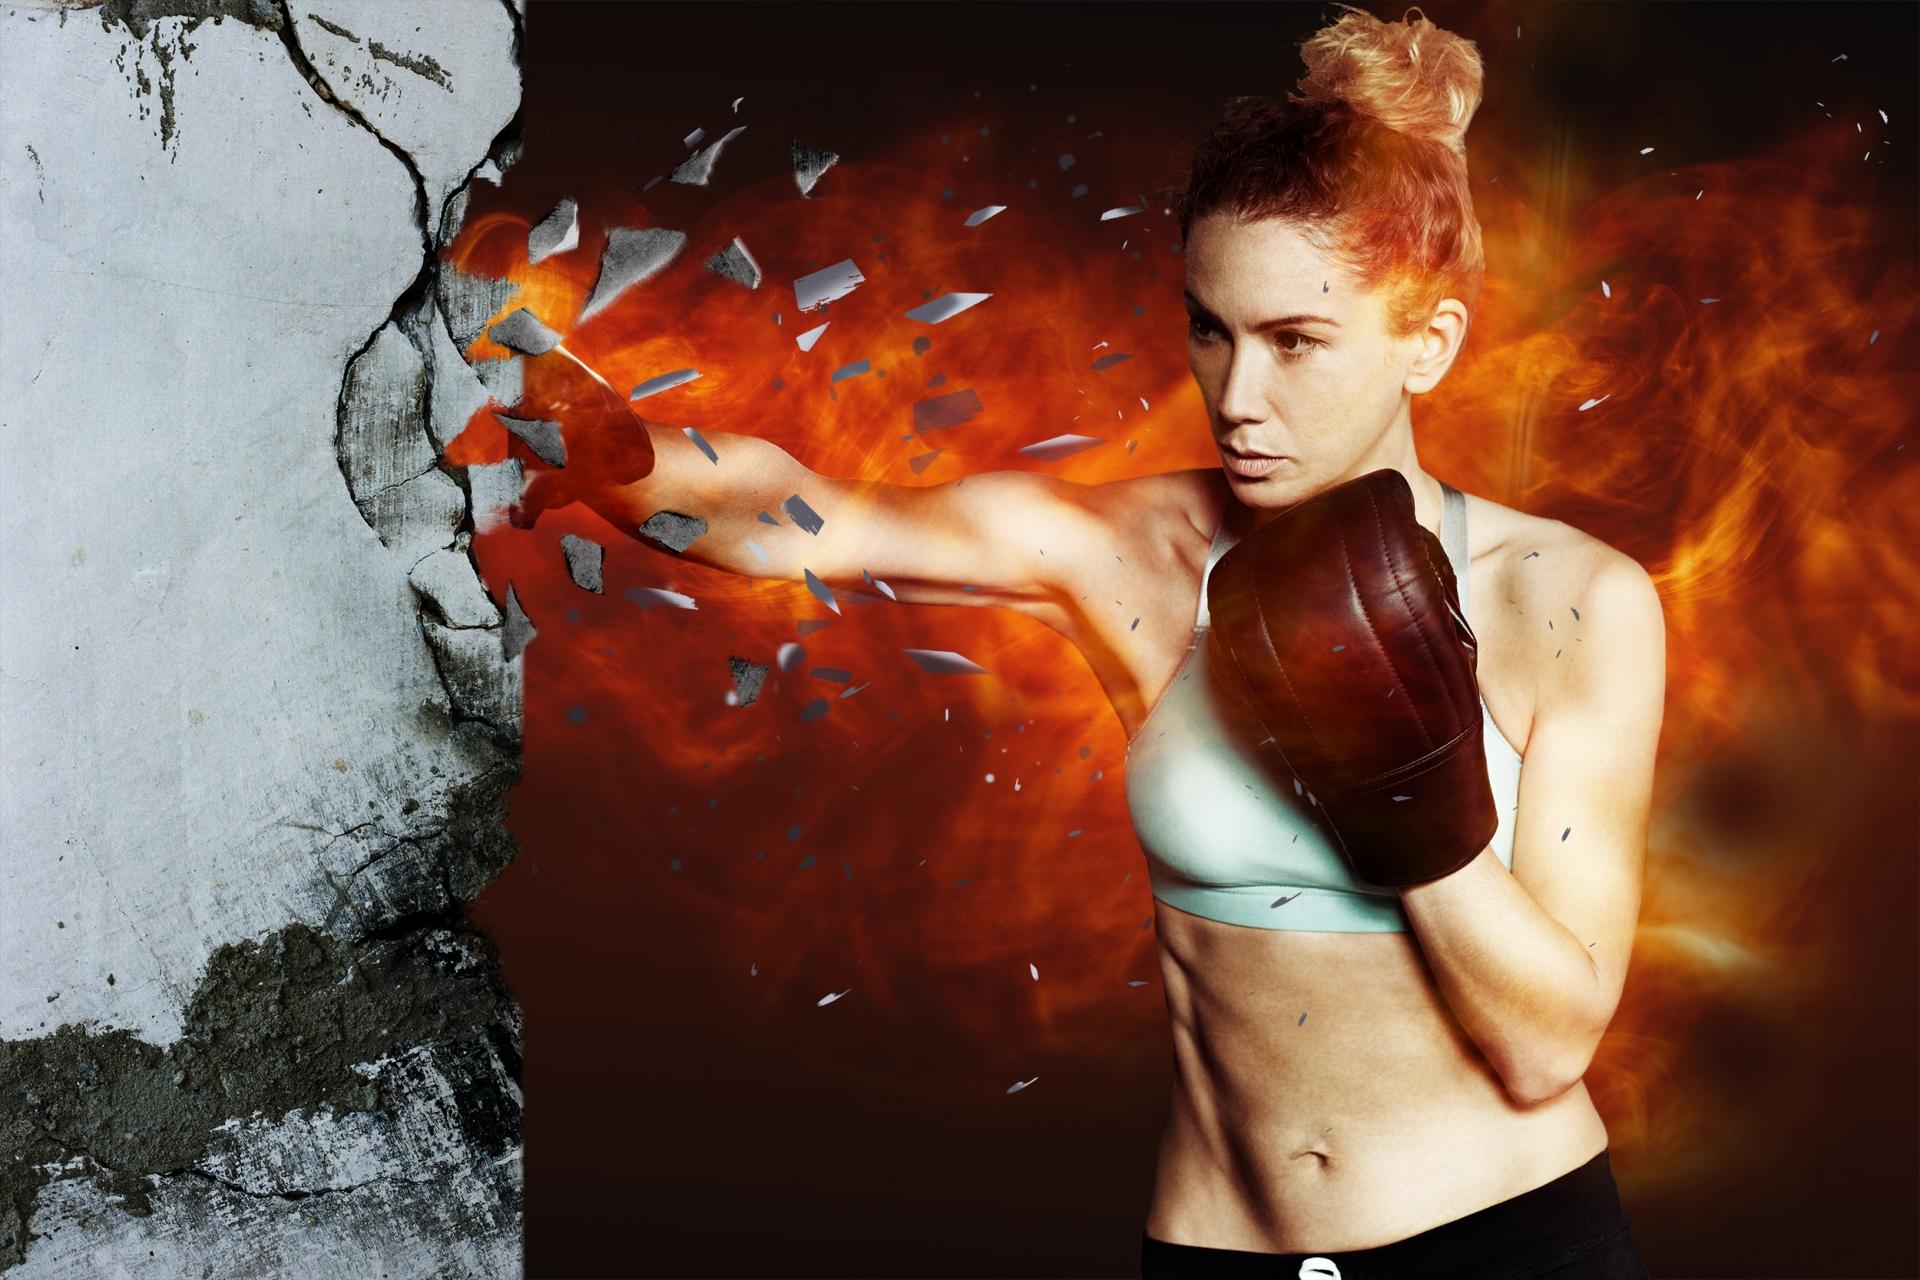 ボクシングの観戦が初心者の方へ、基本情報や見どころを紹介